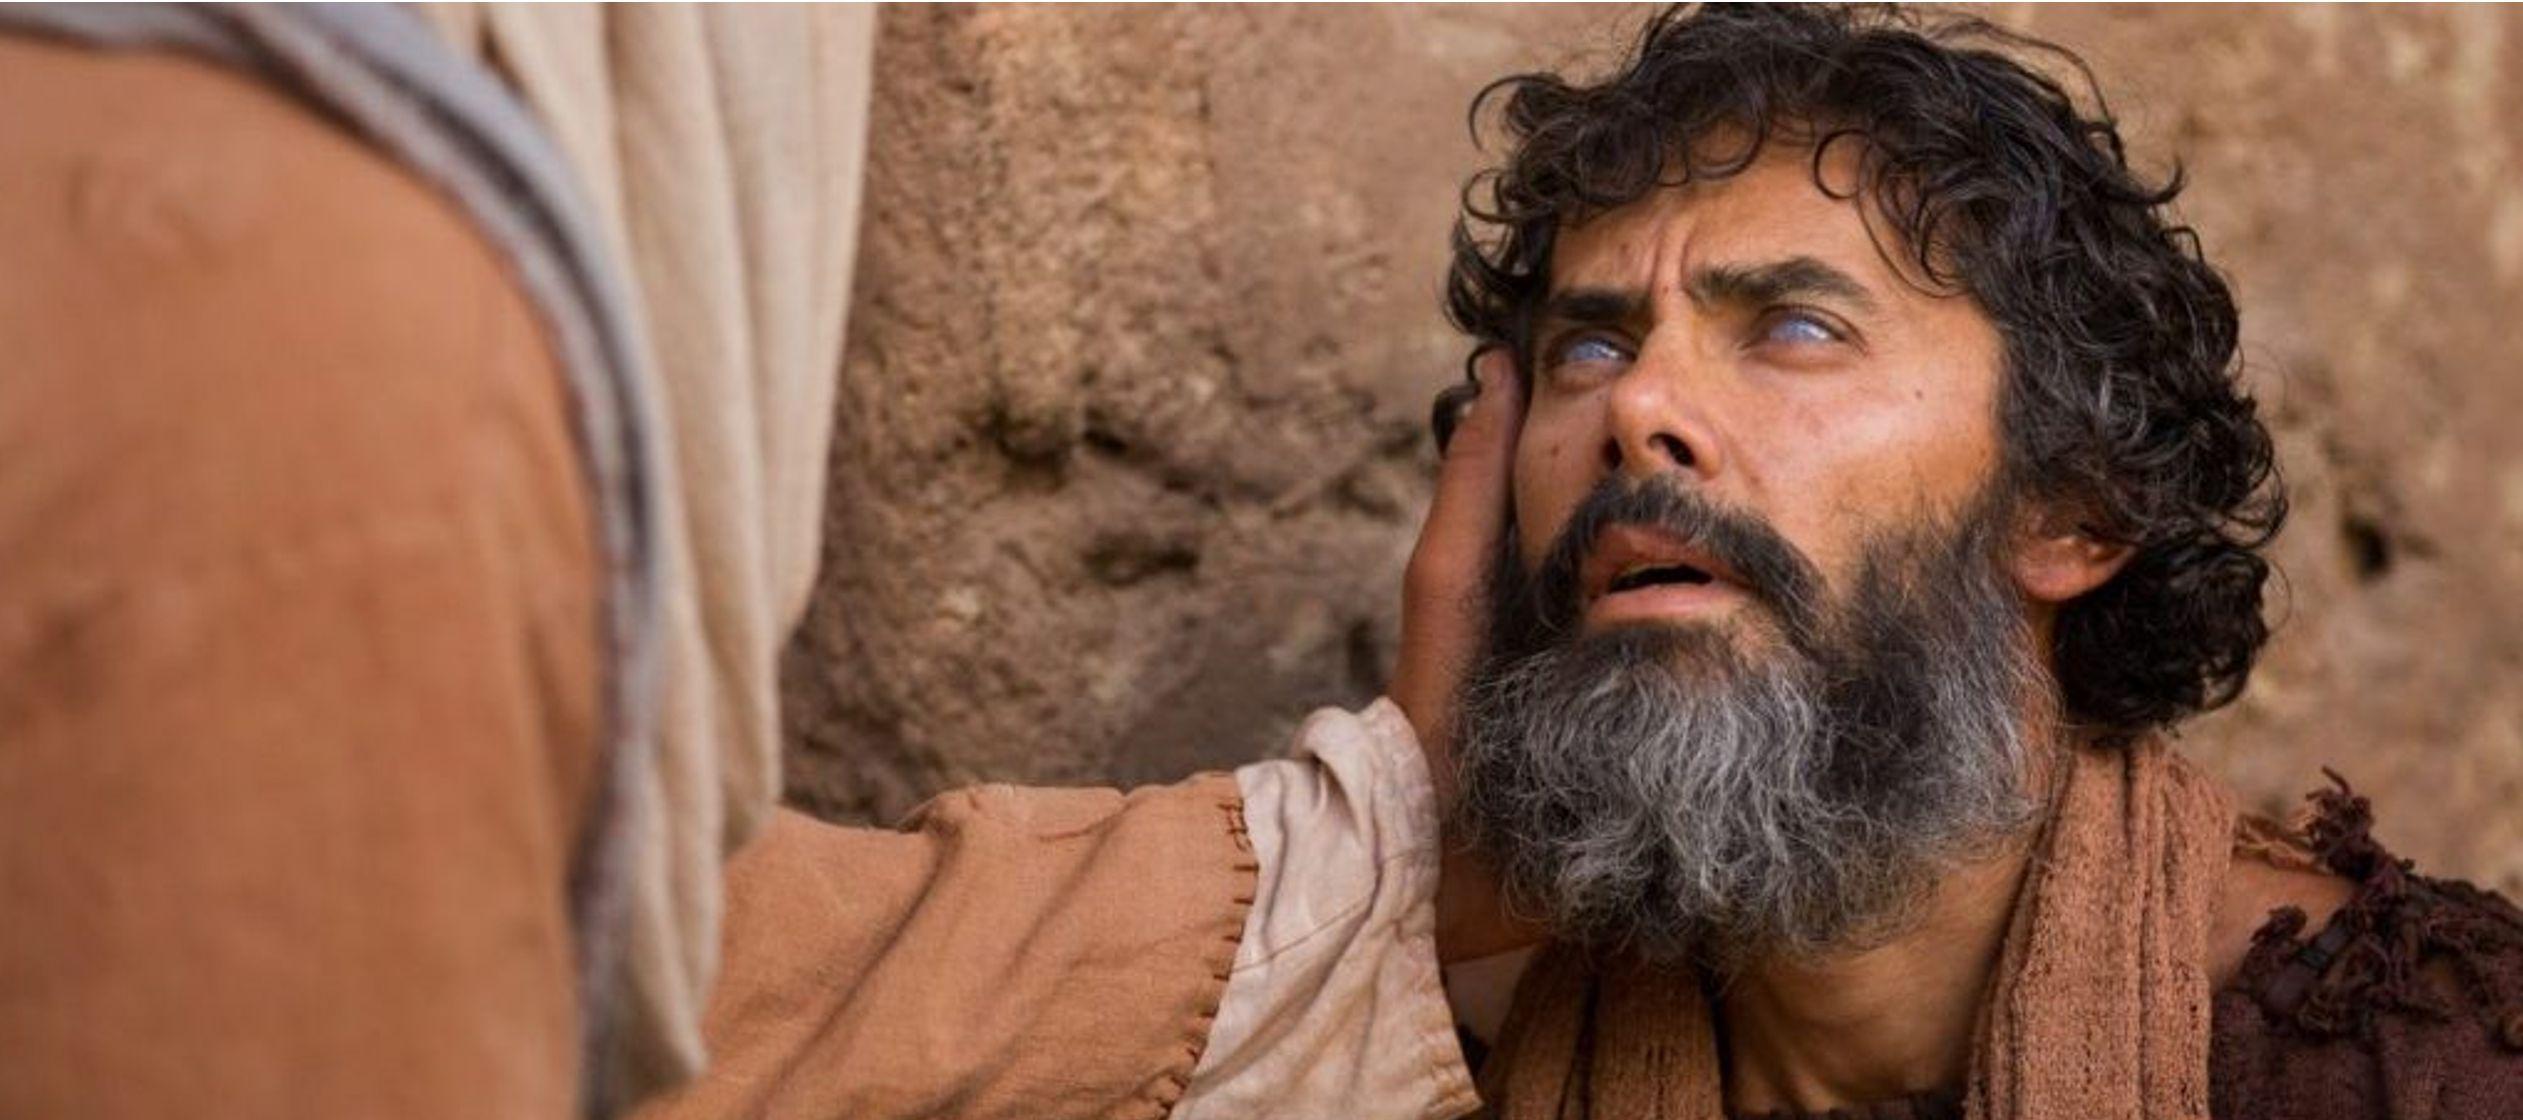 La pregunta de Jesús le ofrece la ocasión de expresar claramente cuál es su...